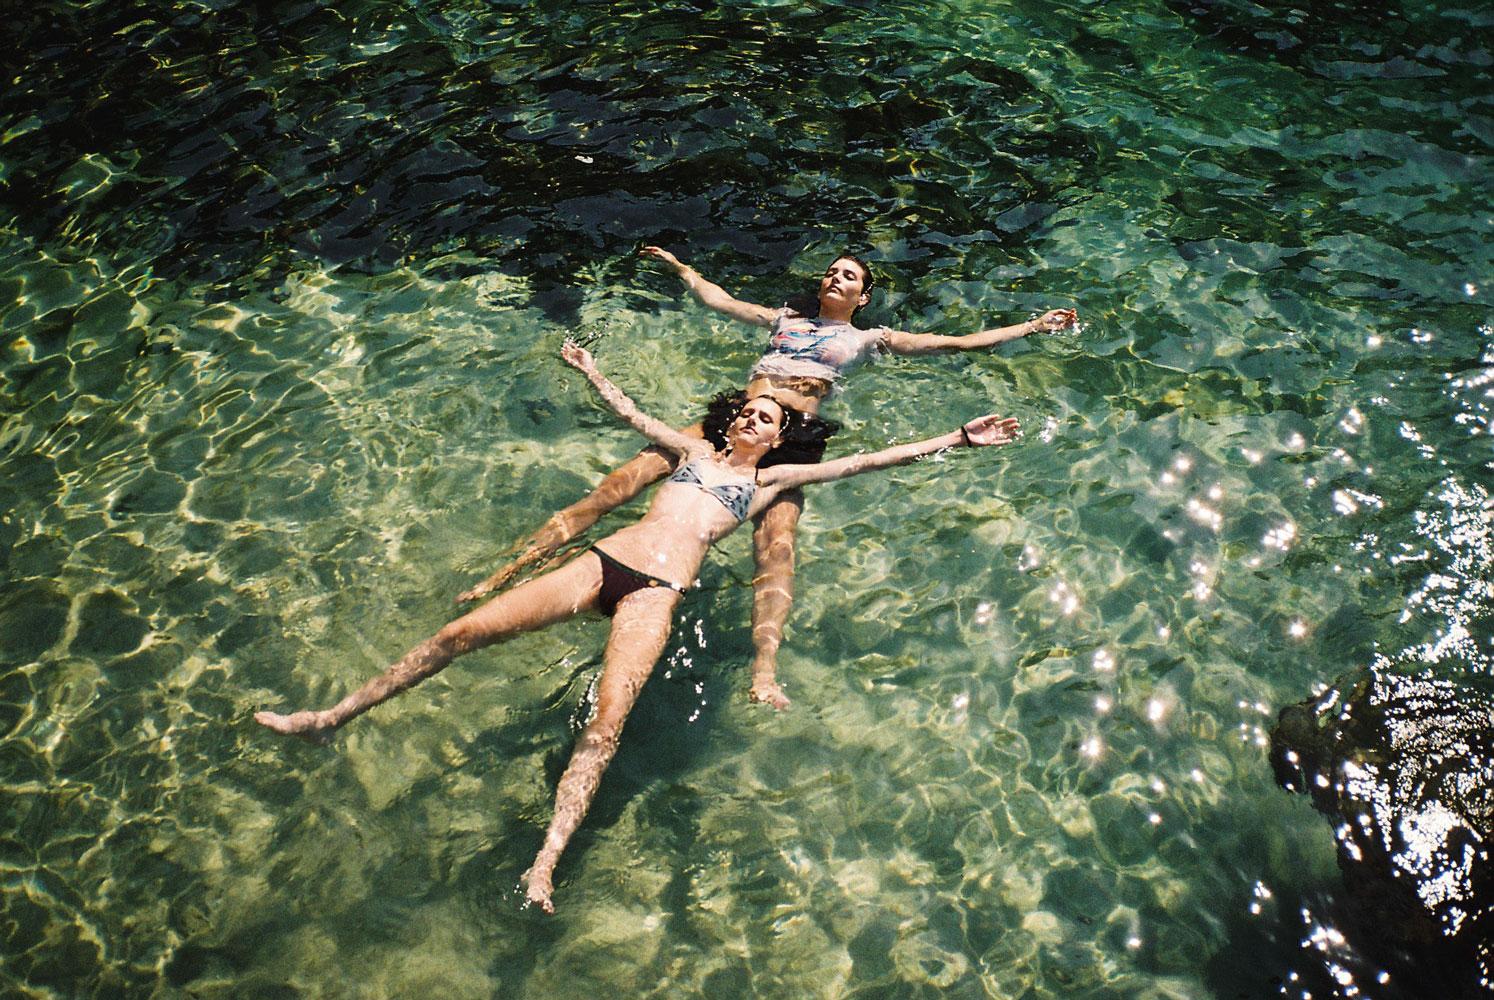 Water flow, la serie fotografica di Mònica Figueras | Collater.al